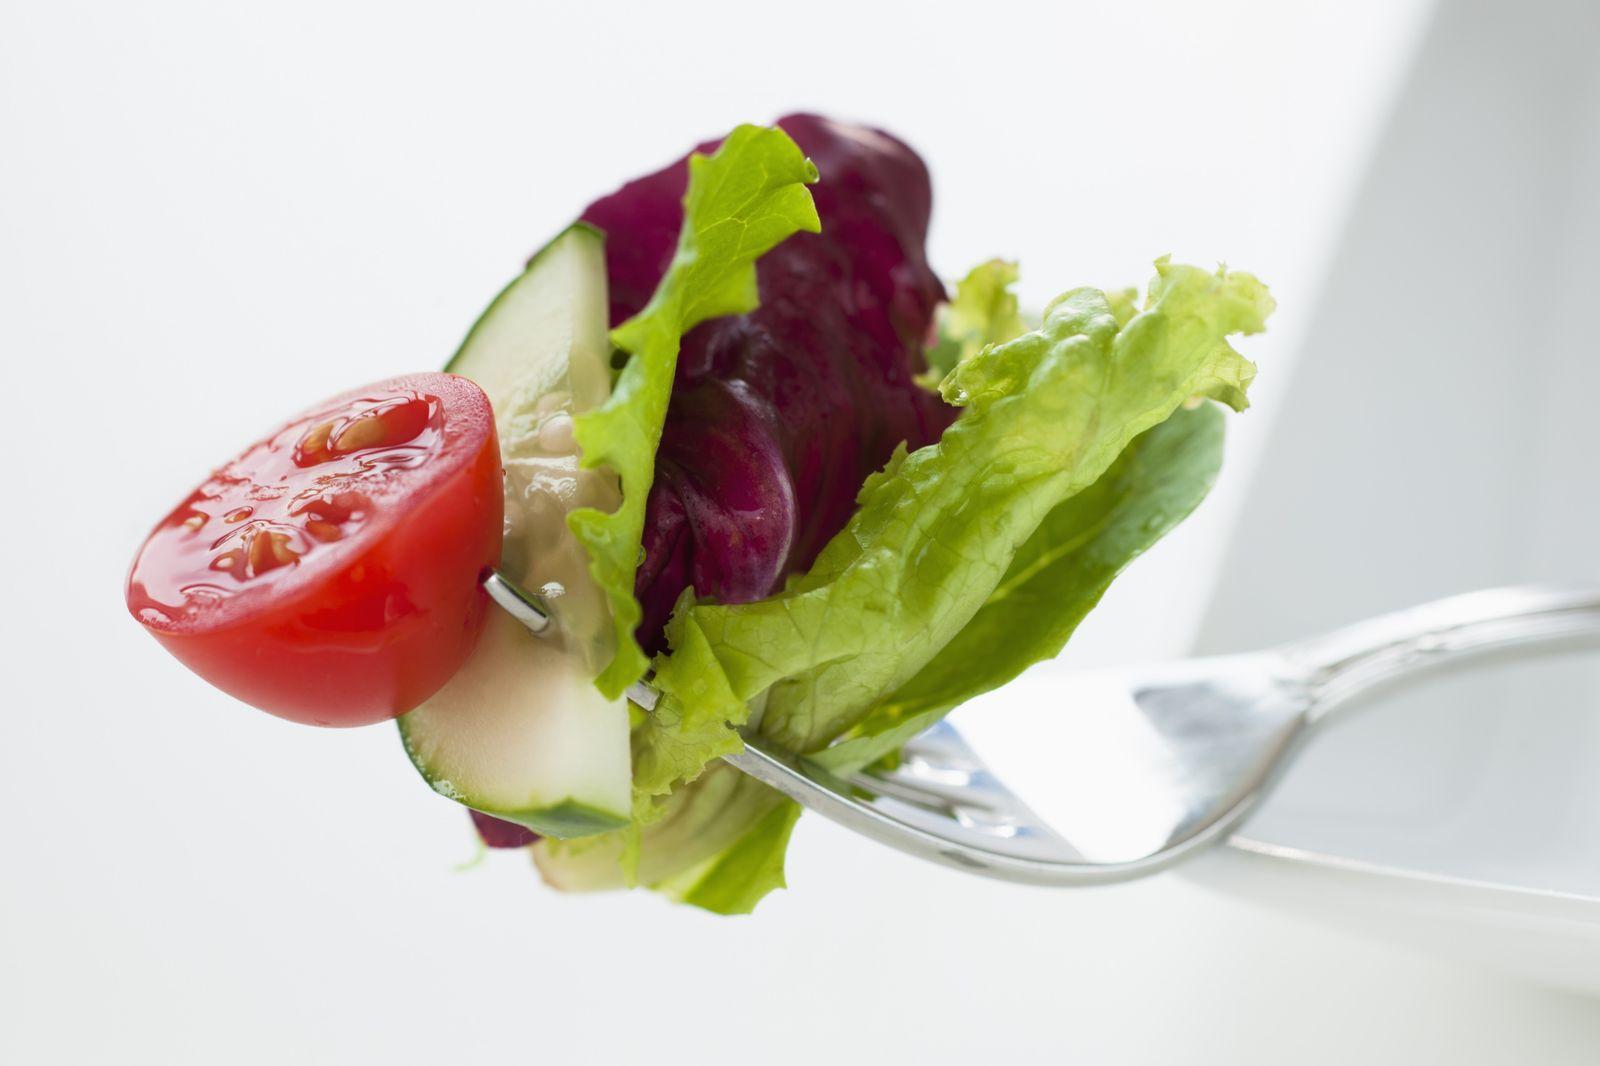 NICHT MEHR VERWENDEN! - Salat / Tomate / Gabel